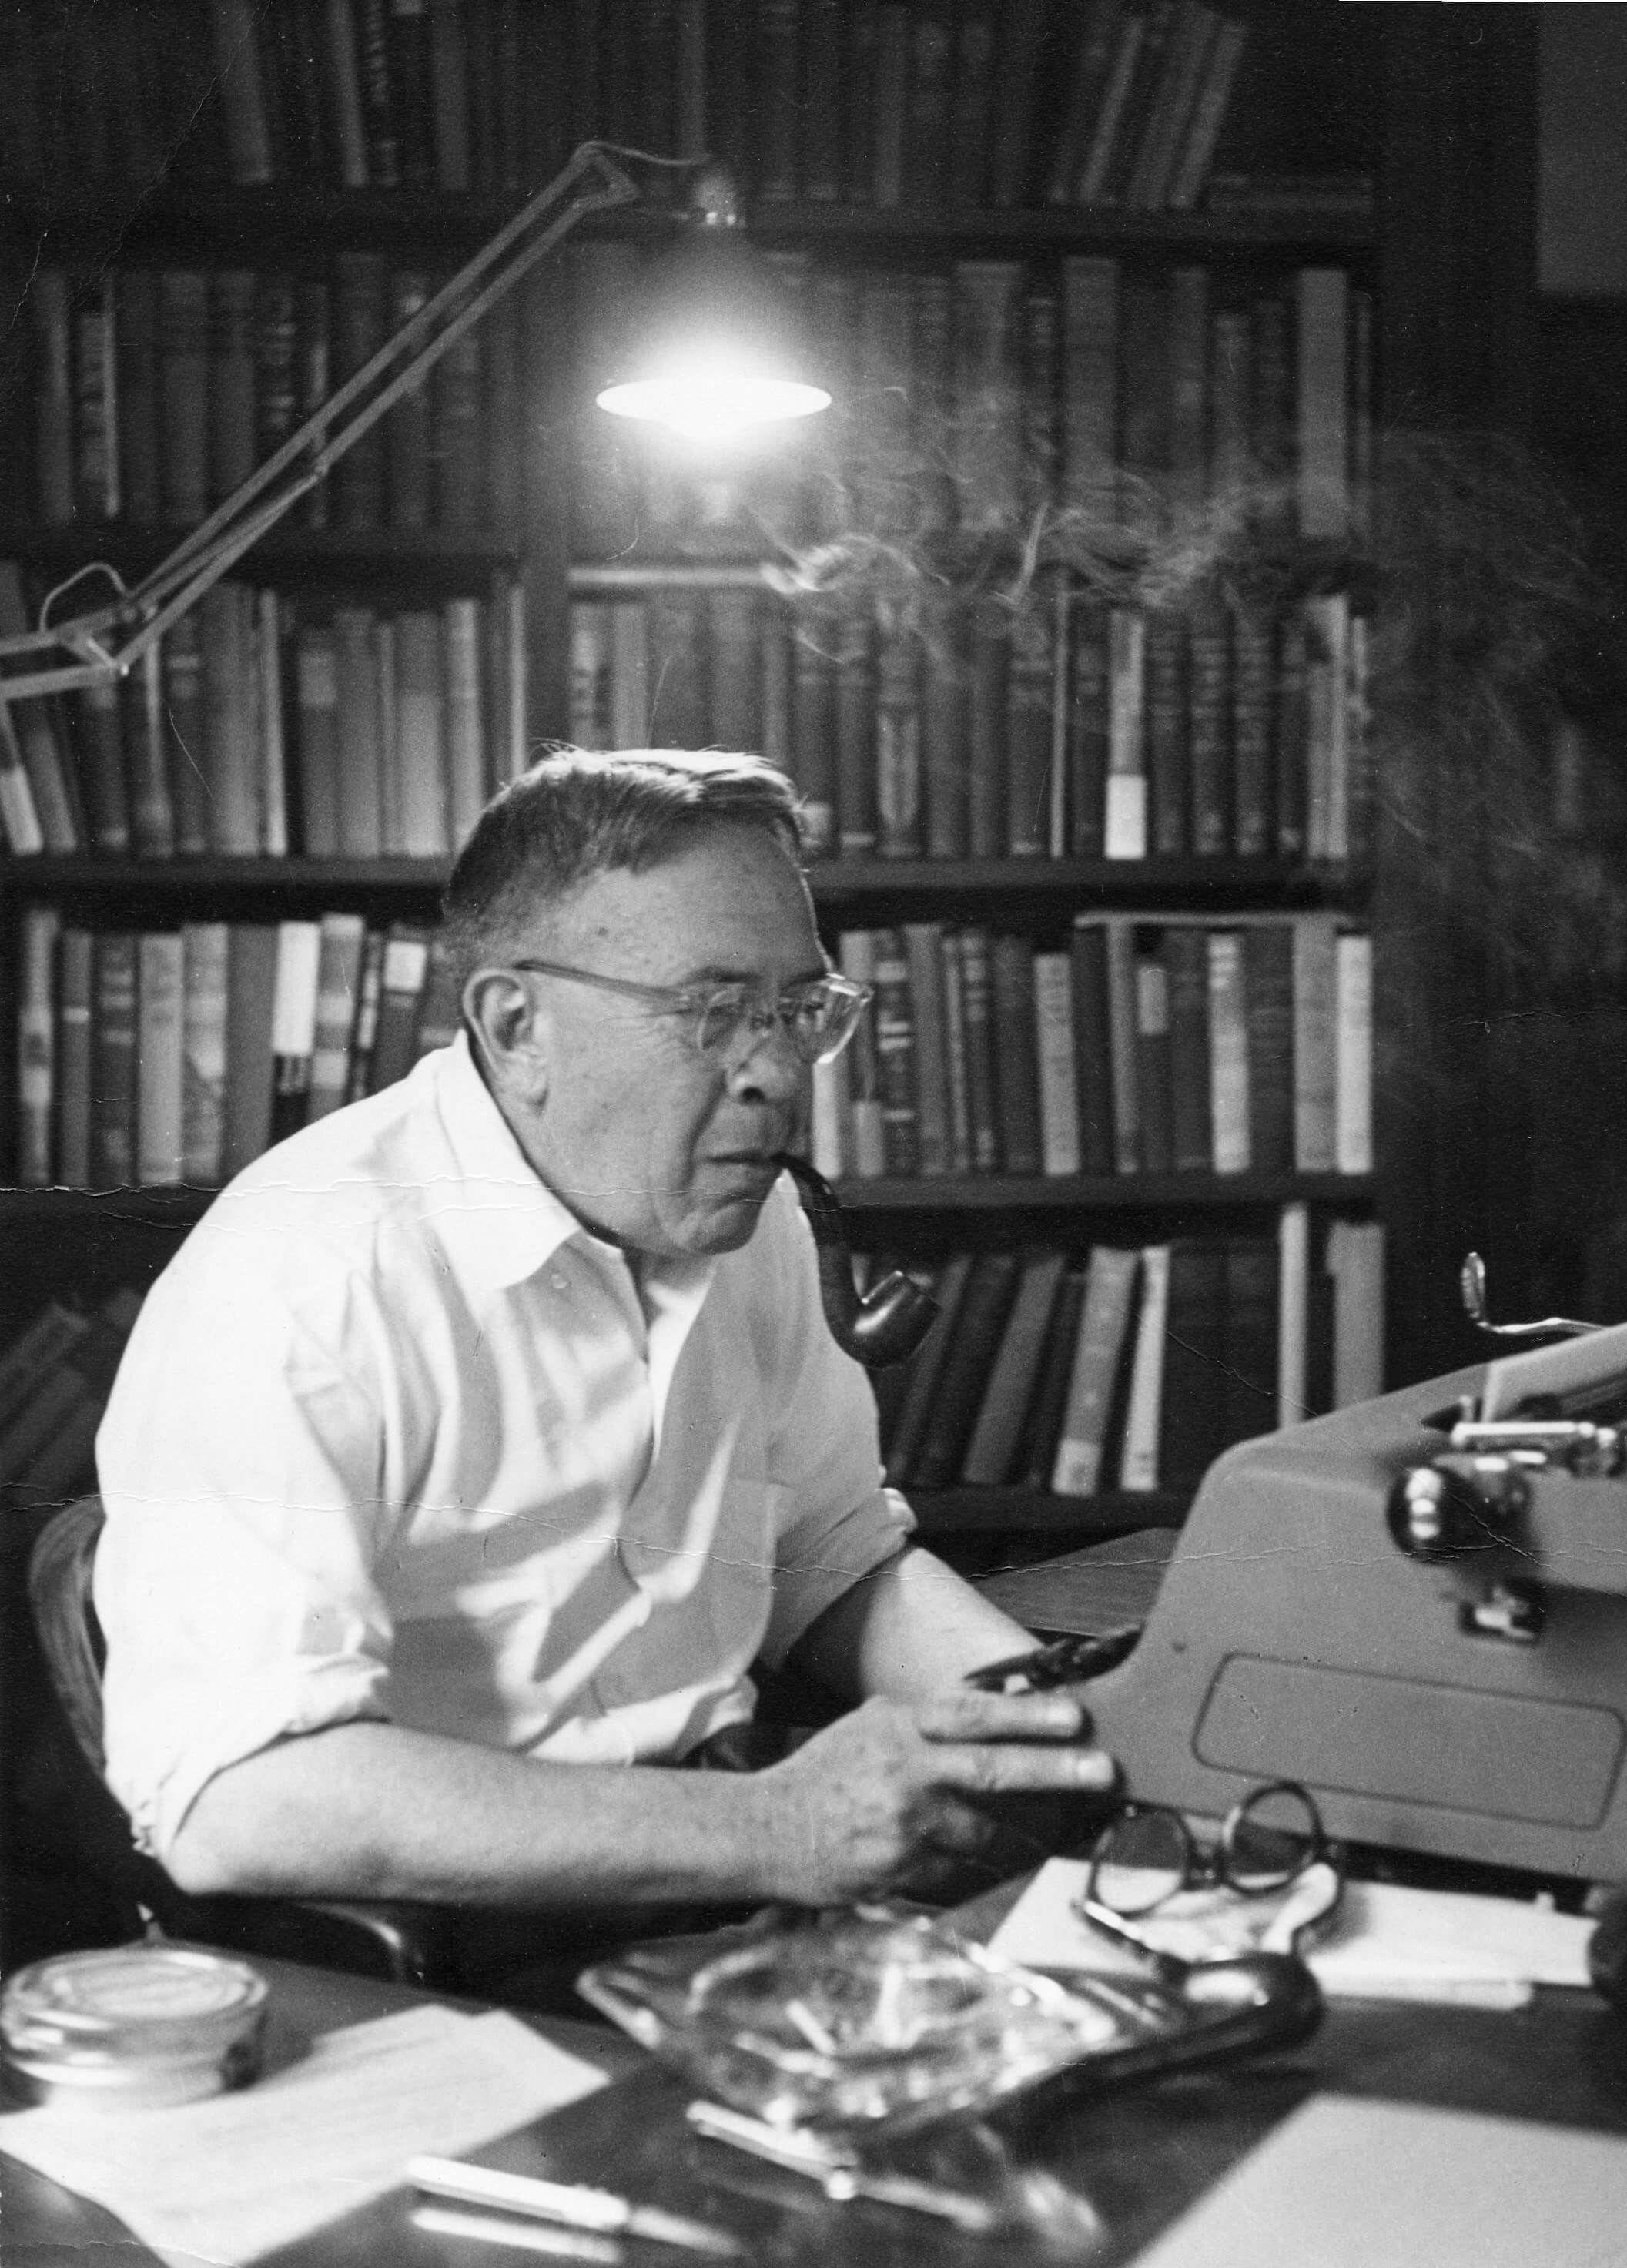 Бернард ДеВото заработой, 1950-е годы. Источник: mdevotomusic.org